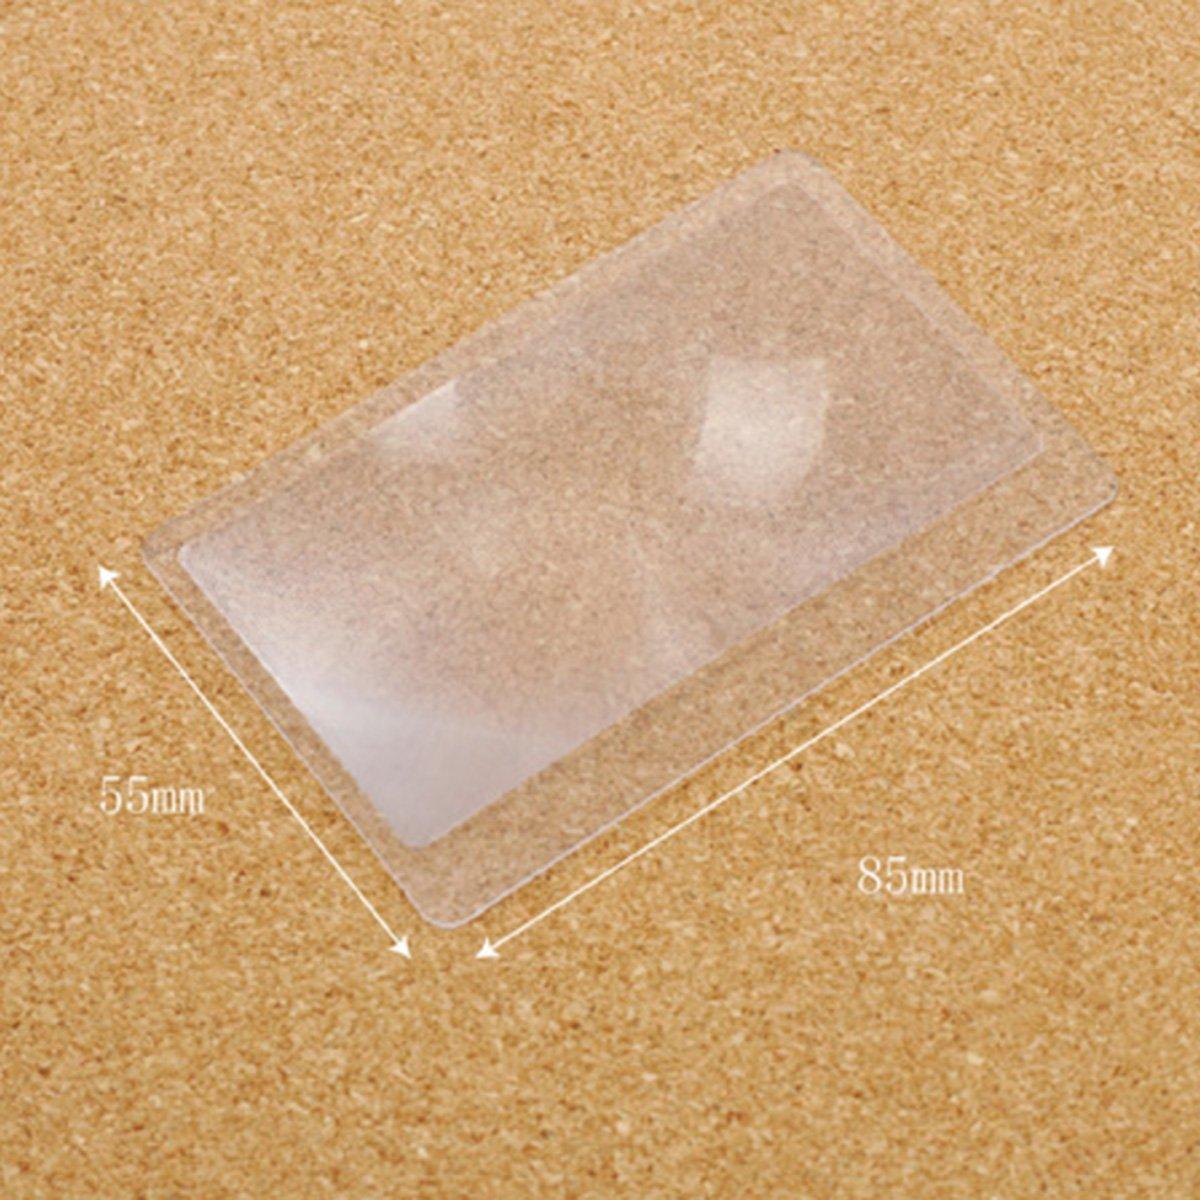 20/pz formato carta di credito lenti d ingrandimento per accendi fuoco o da lettura 55/x 85/mm 300/% Fresnel lente d ingrandimento 8,5/x 5,5/cm